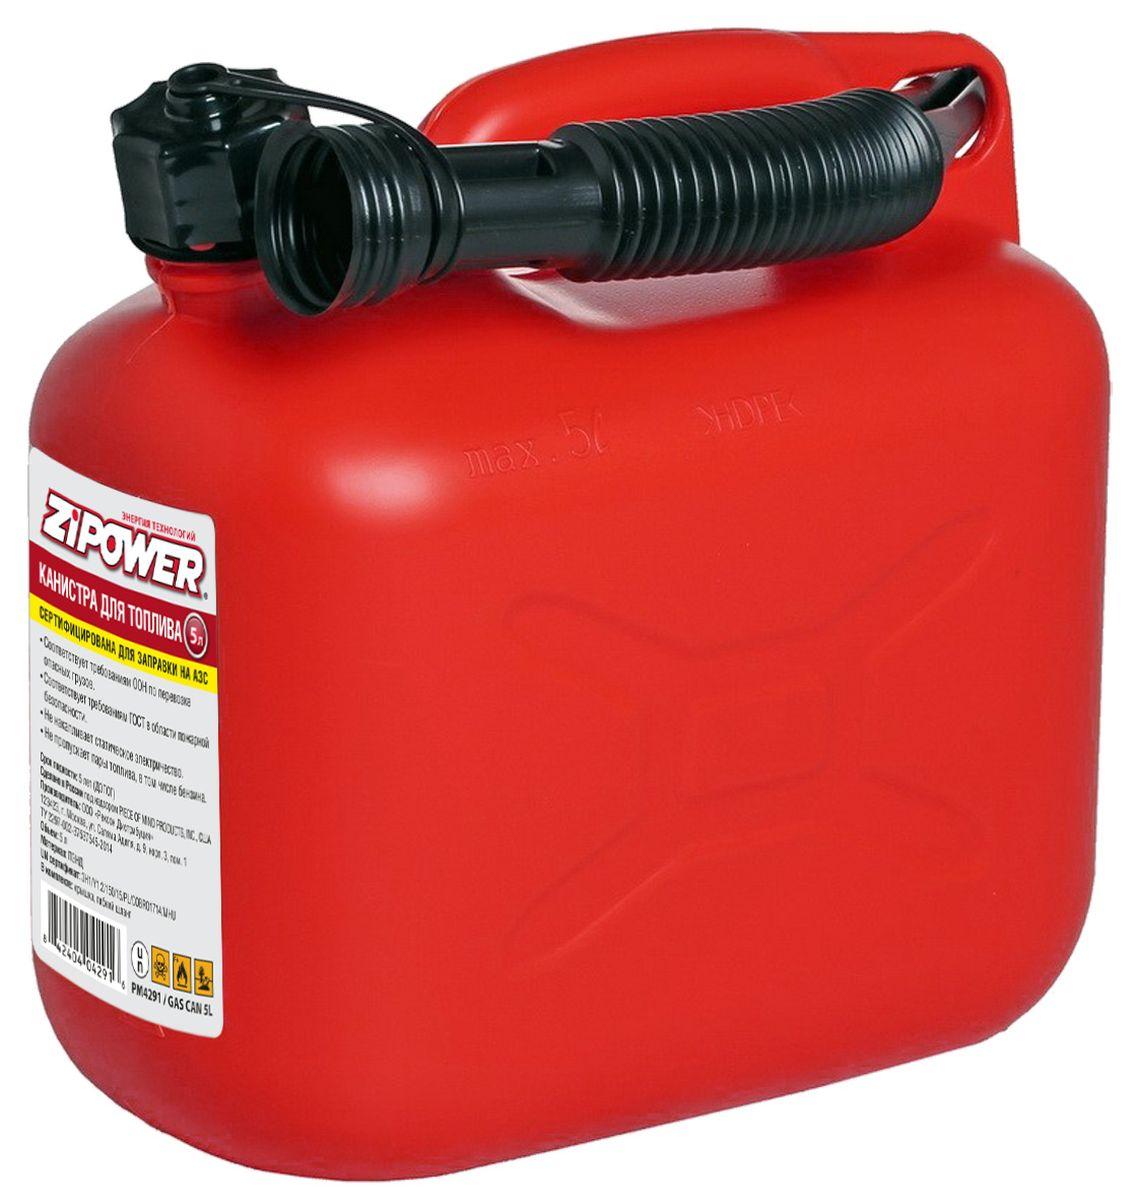 Канистра для топлива Zipower, цвет: красный, 5 лGC204/30Канистры предназначены для хранения горюче-смазочных материалов. Канистры изготовлены из первичного сырья ПЭНД и не накапливают статический заряд. Товар имеет европейский сертификат соответствия 3H1/Y1.2/150/15/PL/COBR01714/MHU, который позволяет производить заливку бензина в канистру и контактировать с металлическим пистолетом на АЗС.Все канистры укомплектовываются крышкой и гибким шлангом.